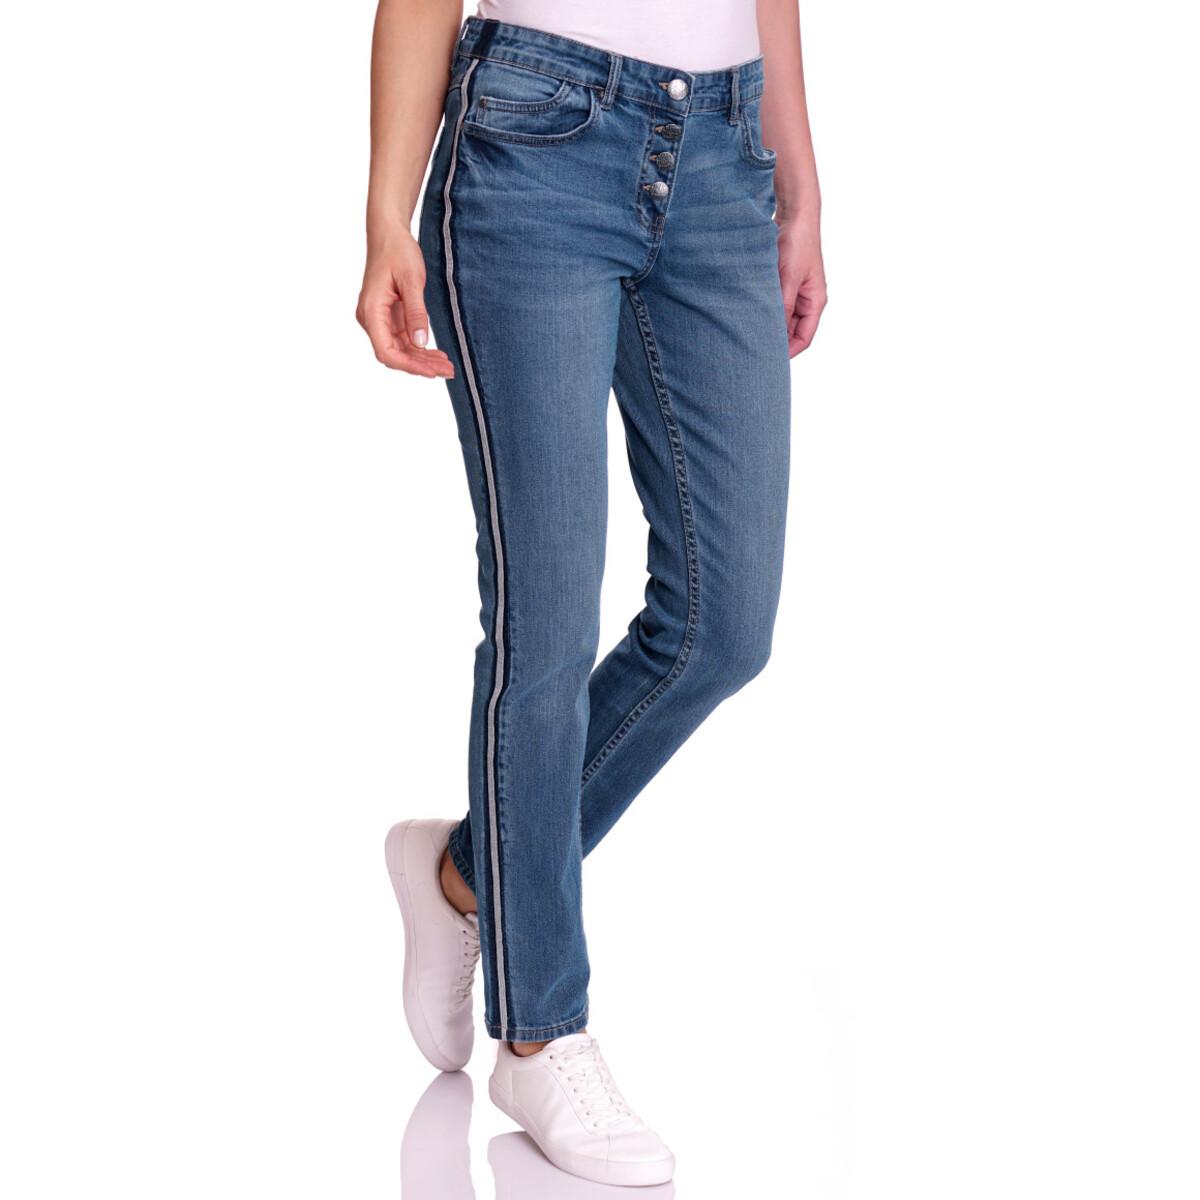 Bild 2 von Damen Slim-Jeans mit Knopfleiste